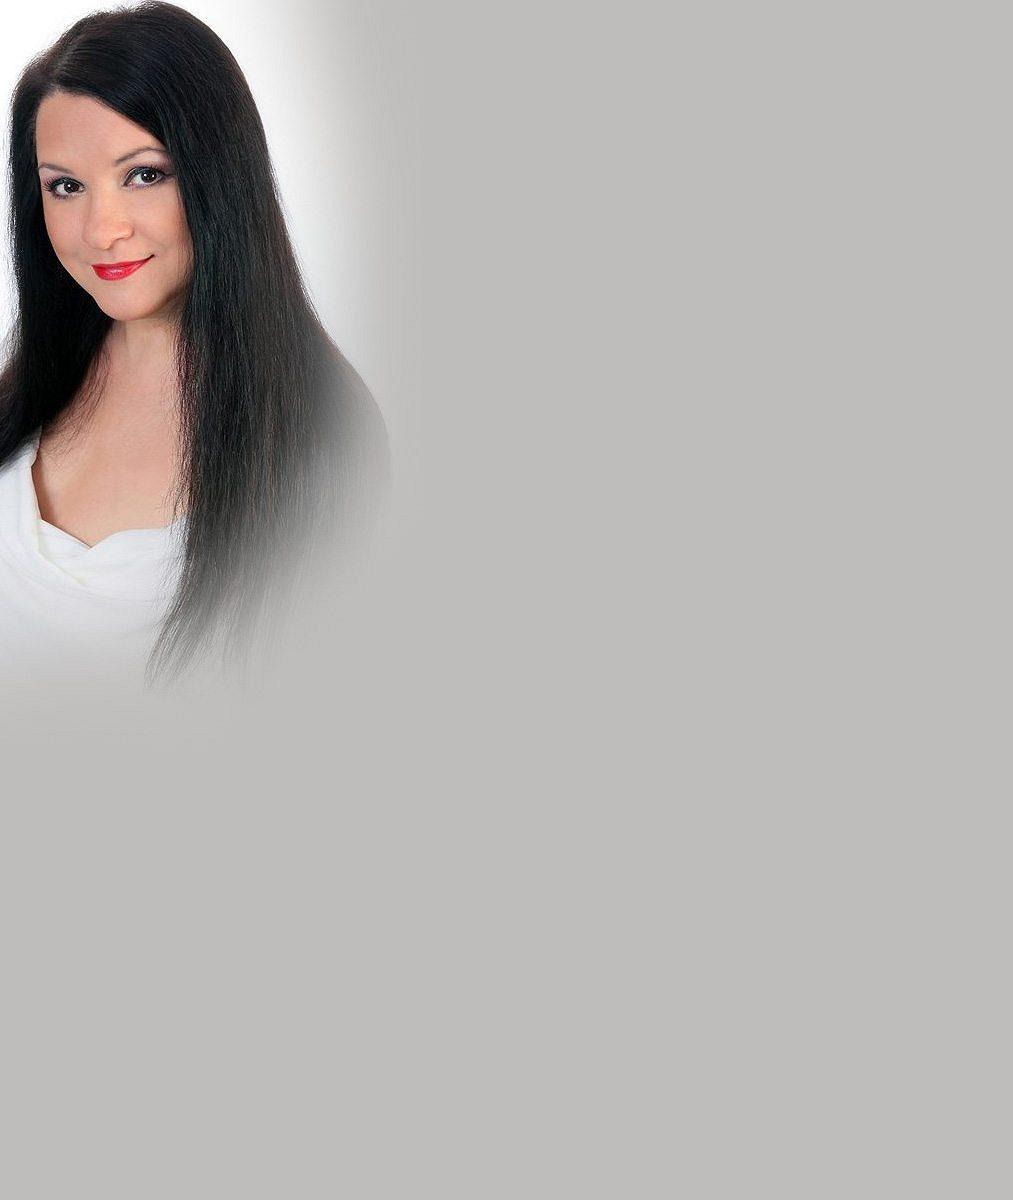 Už zase? České zpěvačce při zkoušení pohádkových šatů málem vypadlo její přírodní bohatsví